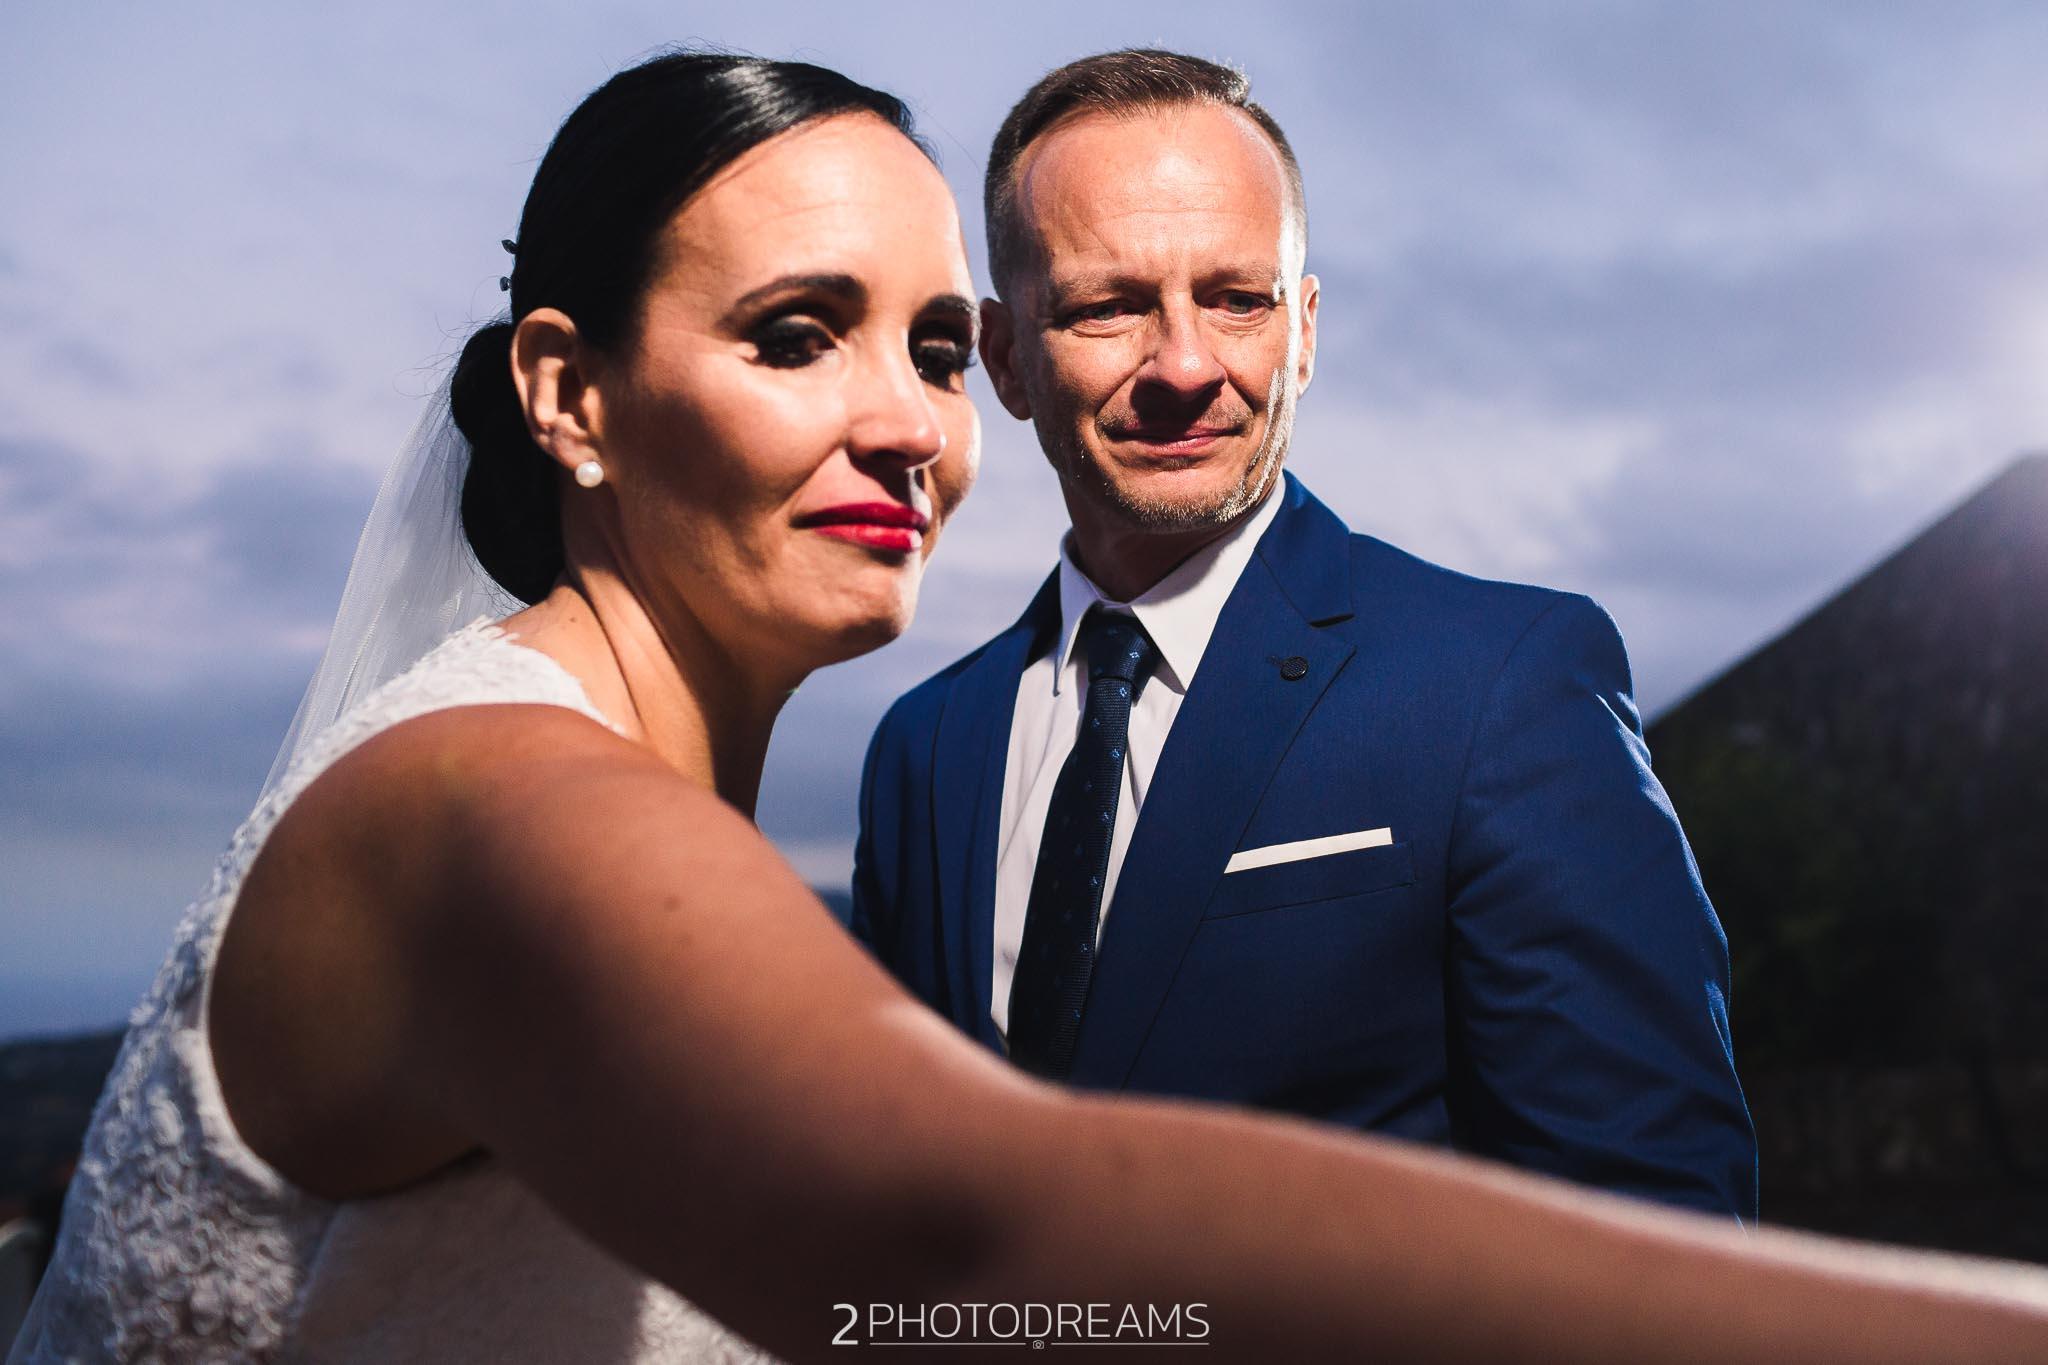 Wedding photographer Beverley